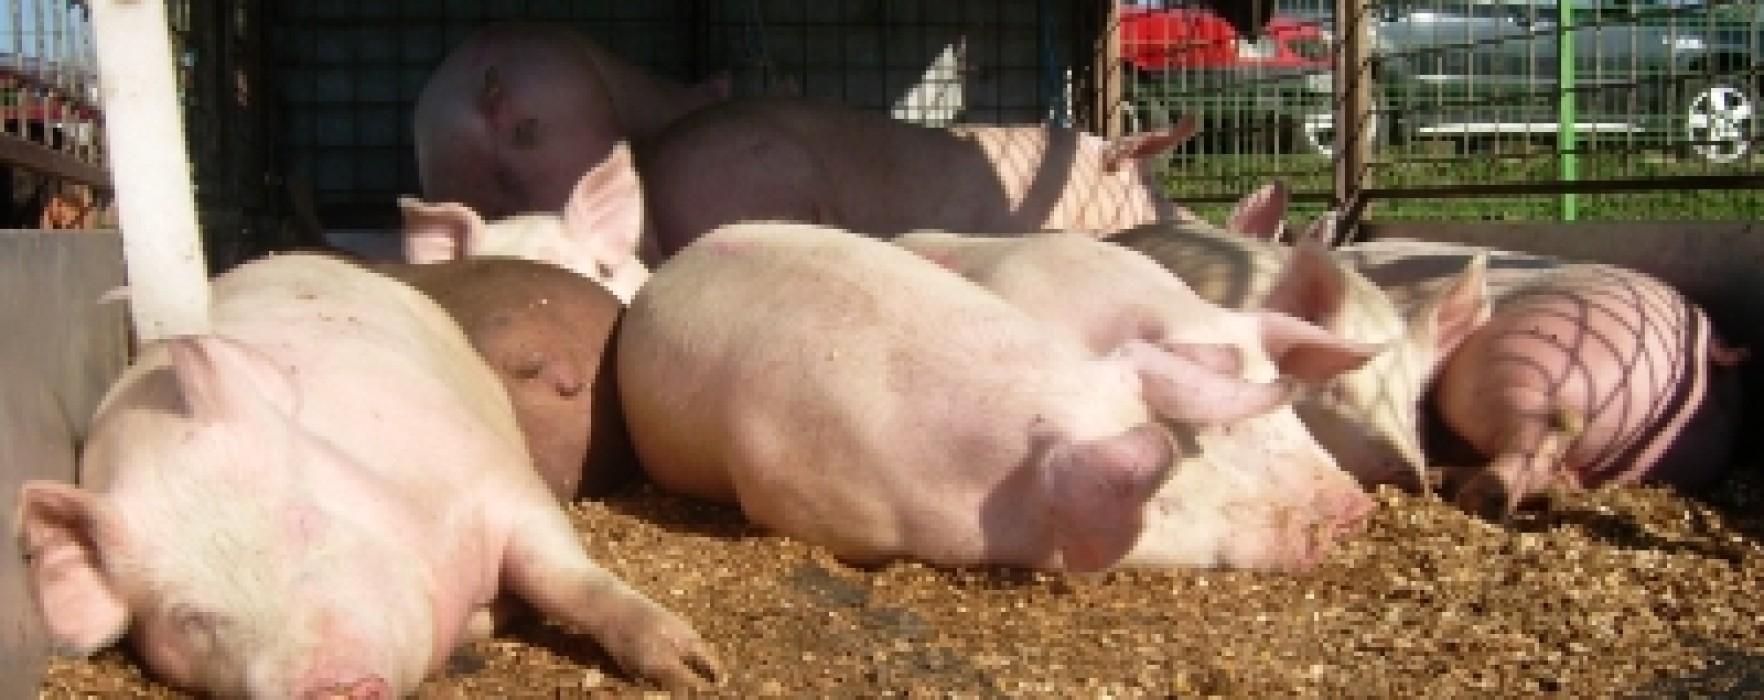 Dâmboviţa: Pesta porcină, confirmată în gospodării din Răcari şi Mătăsaru